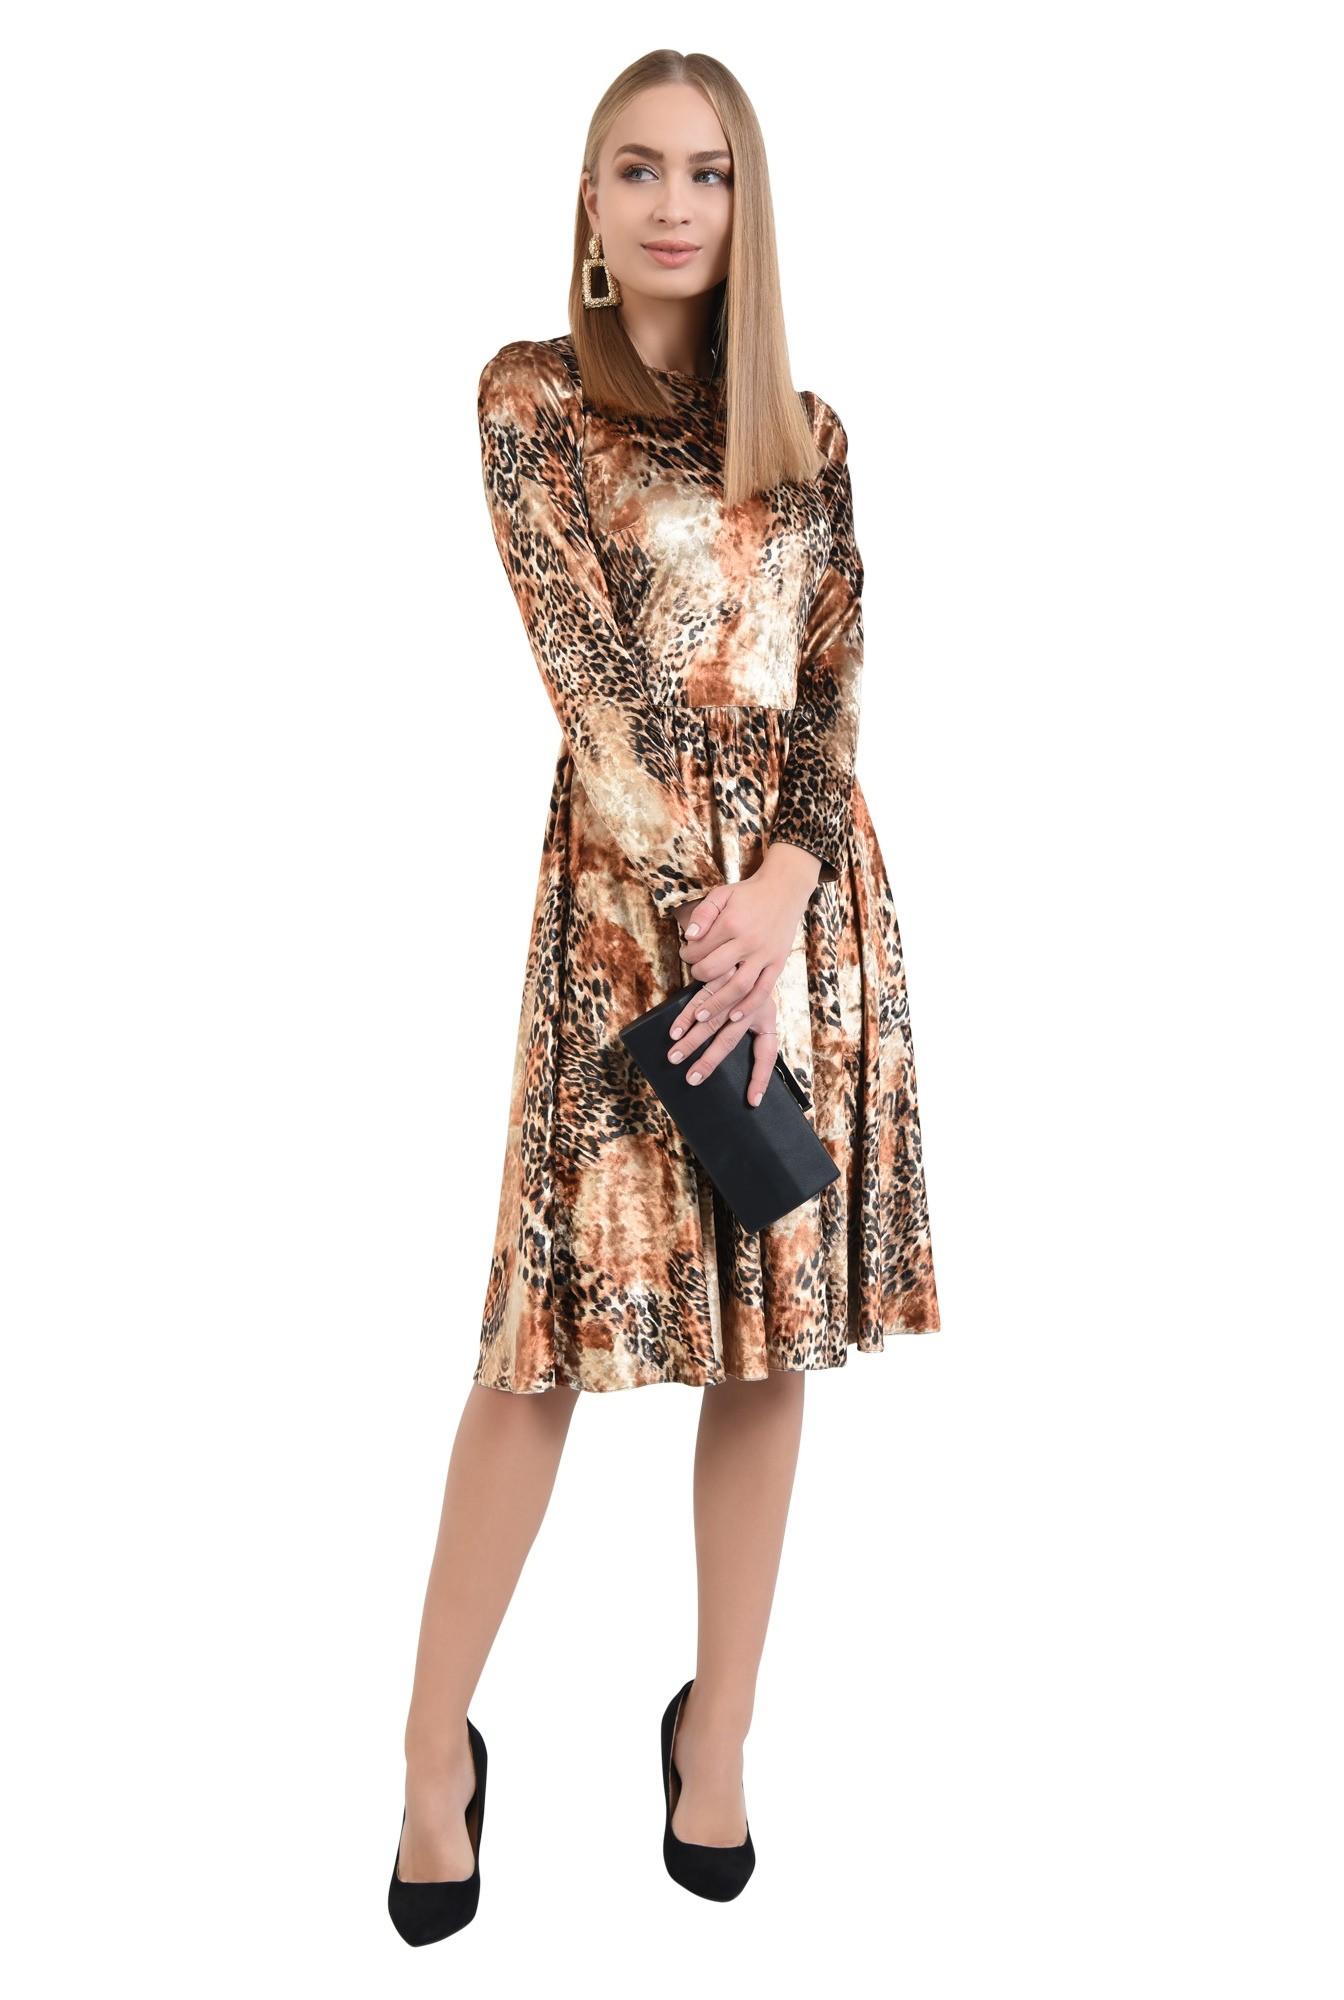 0 - rochie eleganta, evazata, catifea imprimata, cusatura in talie, rascroiala rotunda la gat